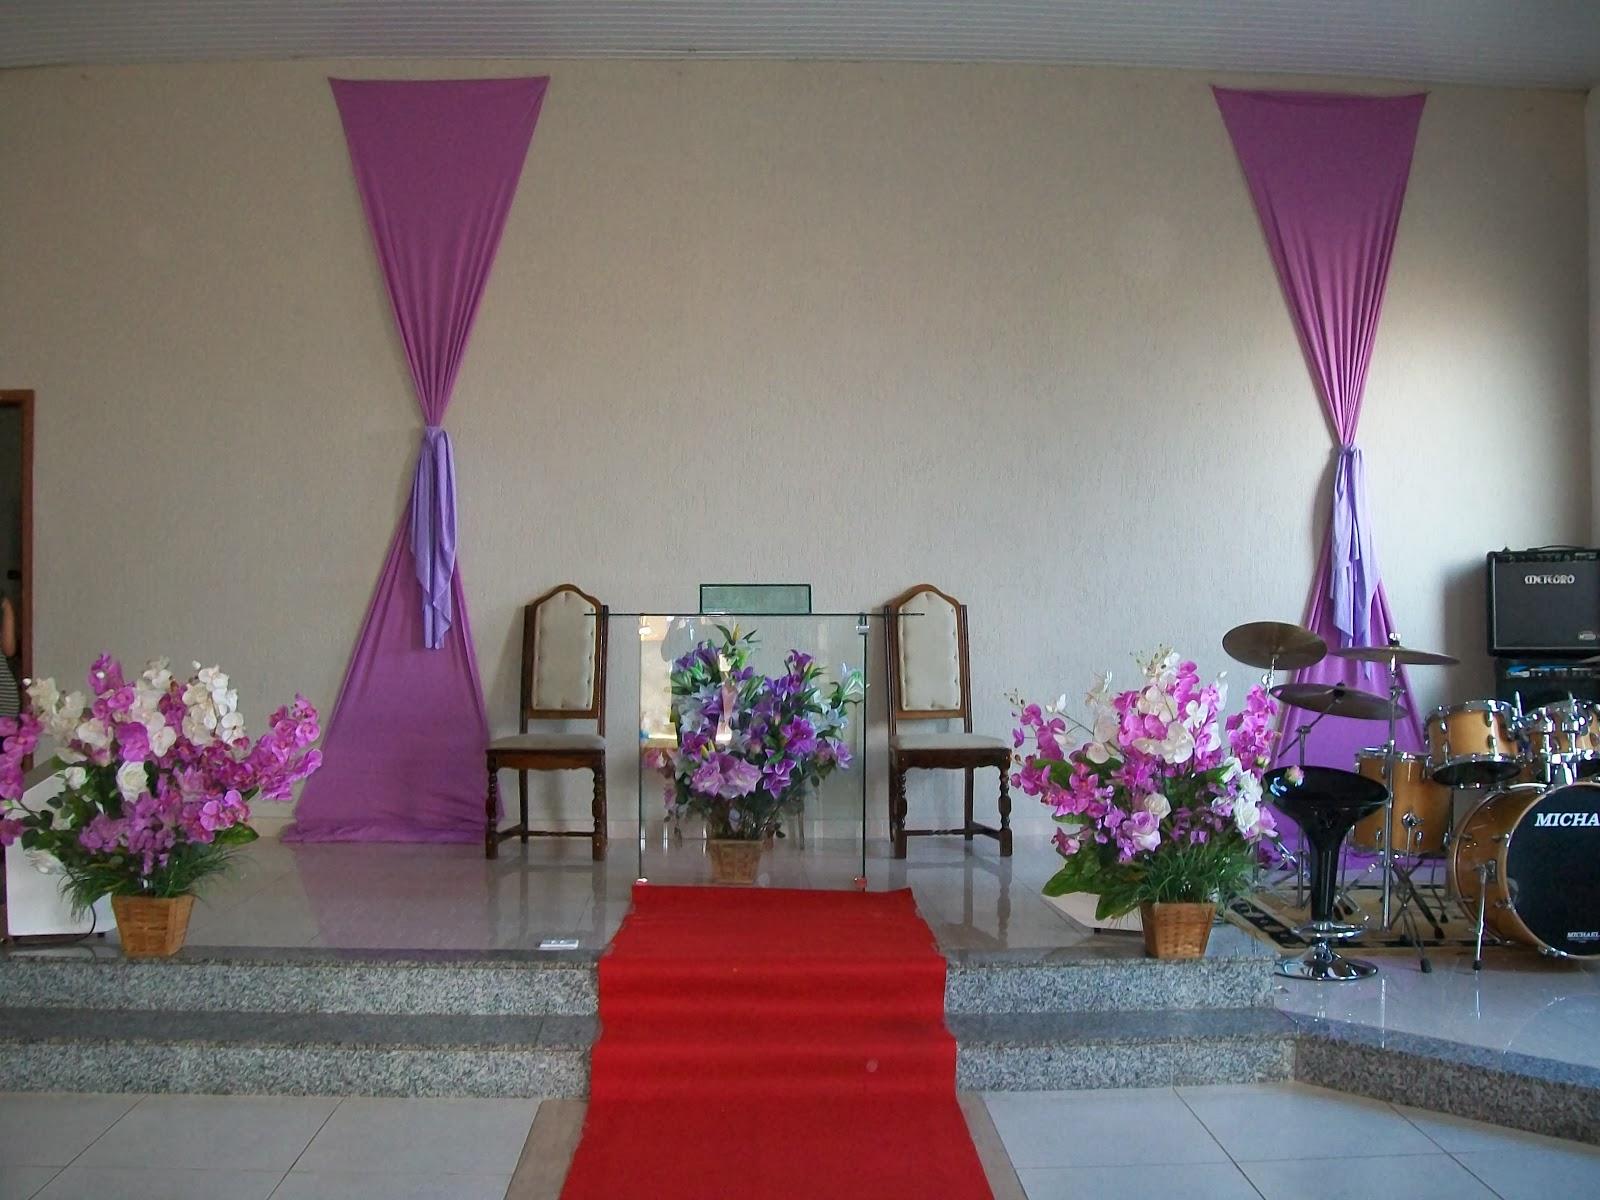 decoracao de casamento igreja evangelica : decoracao de casamento igreja evangelica:Corredor de igreja na Assembleia de Deus do Jd. Paulista.